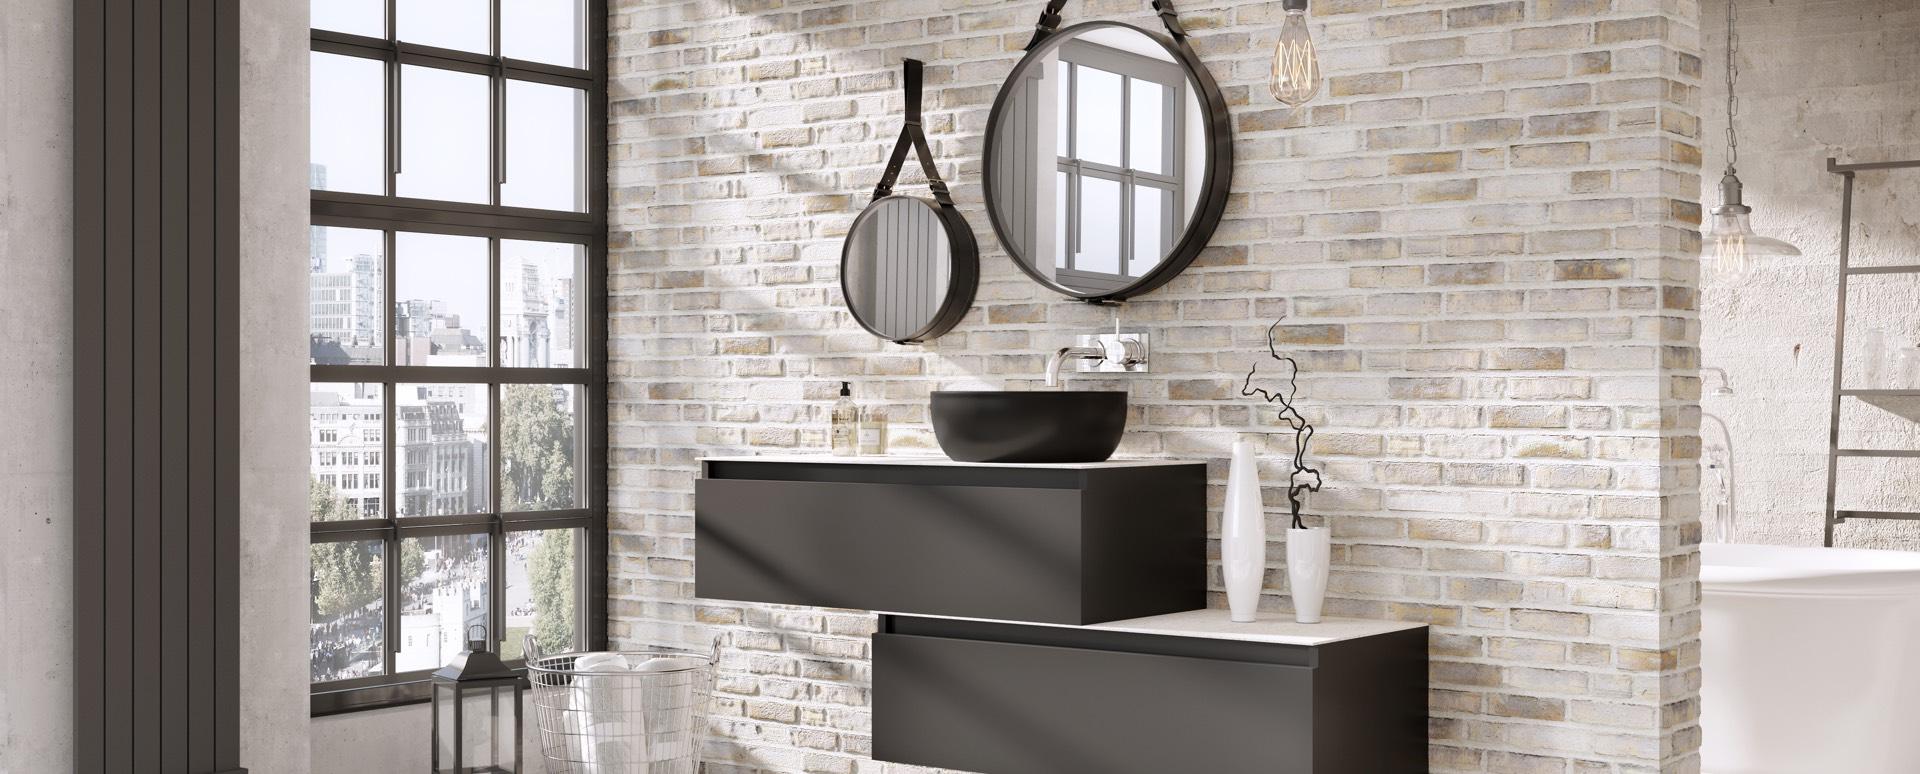 duurzame-badkamer-duurzaam-genieten-mijn-bad-in-stijl-header